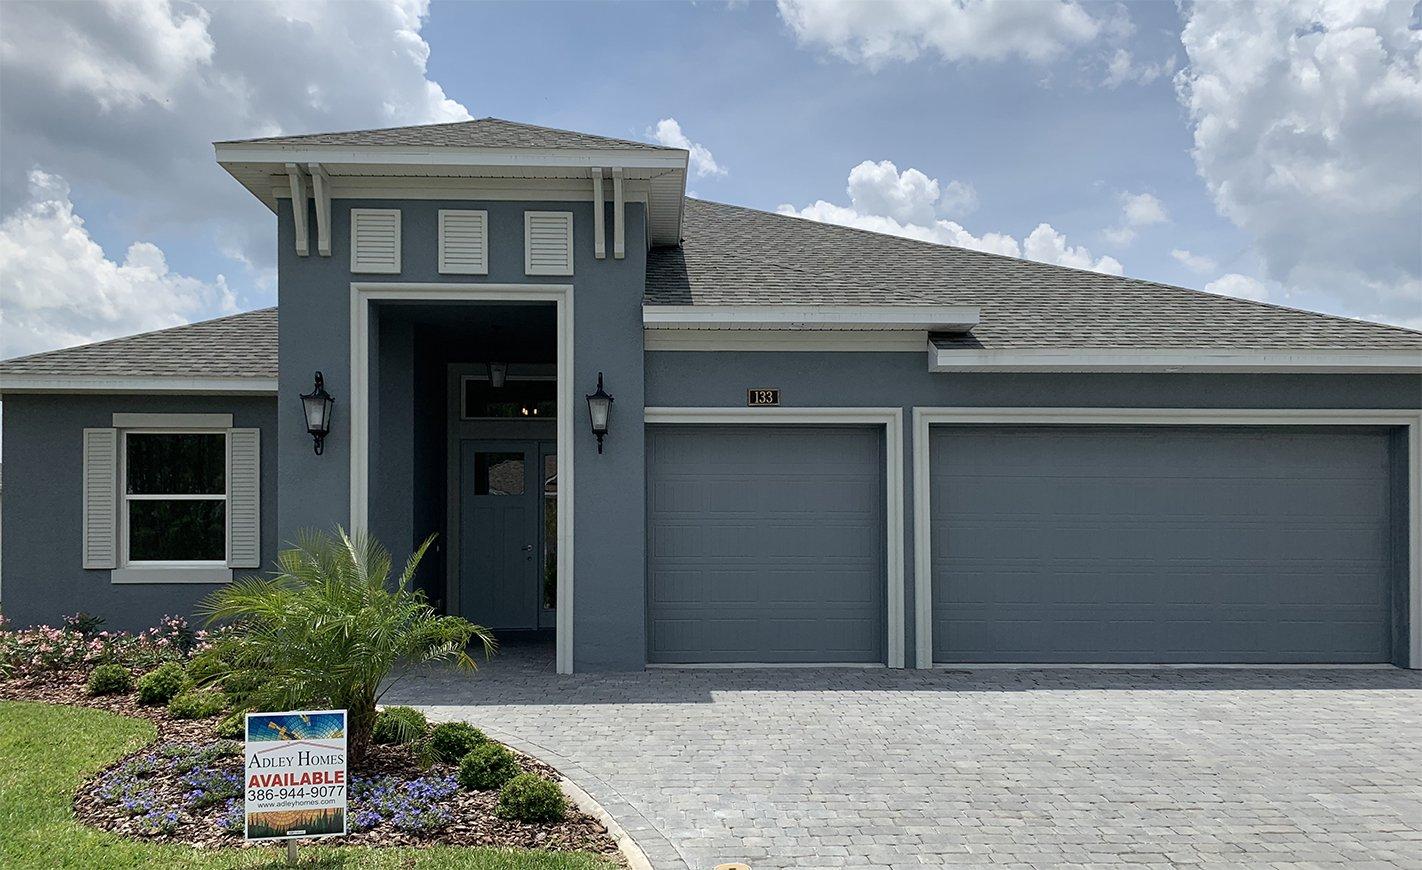 Daytona Beach Homes for Sale - The Marlin at Mosaic